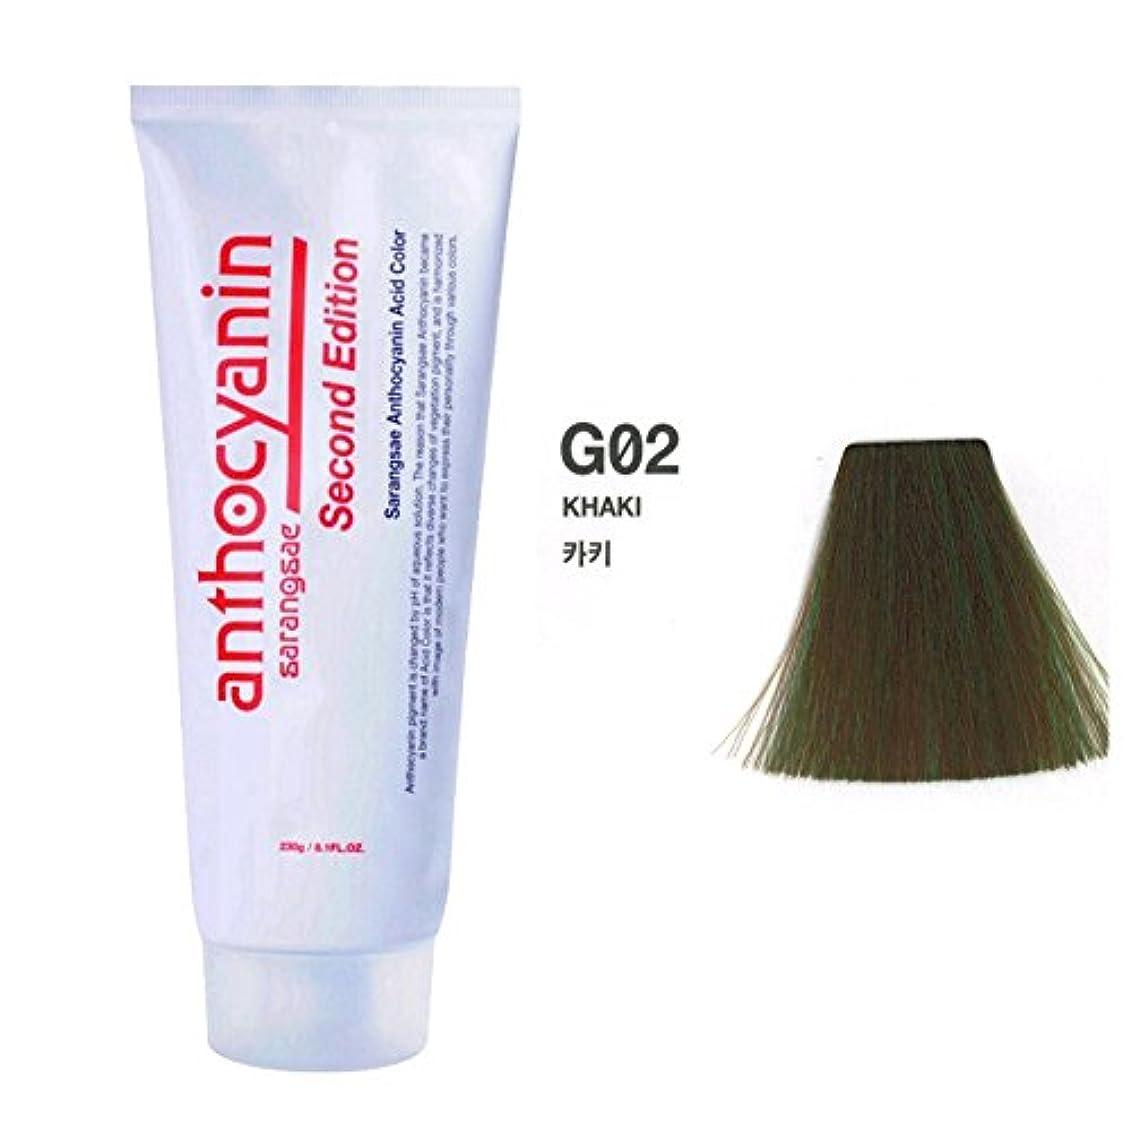 有害な宇宙のええヘア マニキュア カラー セカンド エディション 230g セミ パーマネント 染毛剤 (Hair Manicure Color Second Edition 230g Semi Permanent Hair Dye) [並行輸入品] (G02 Khaki)